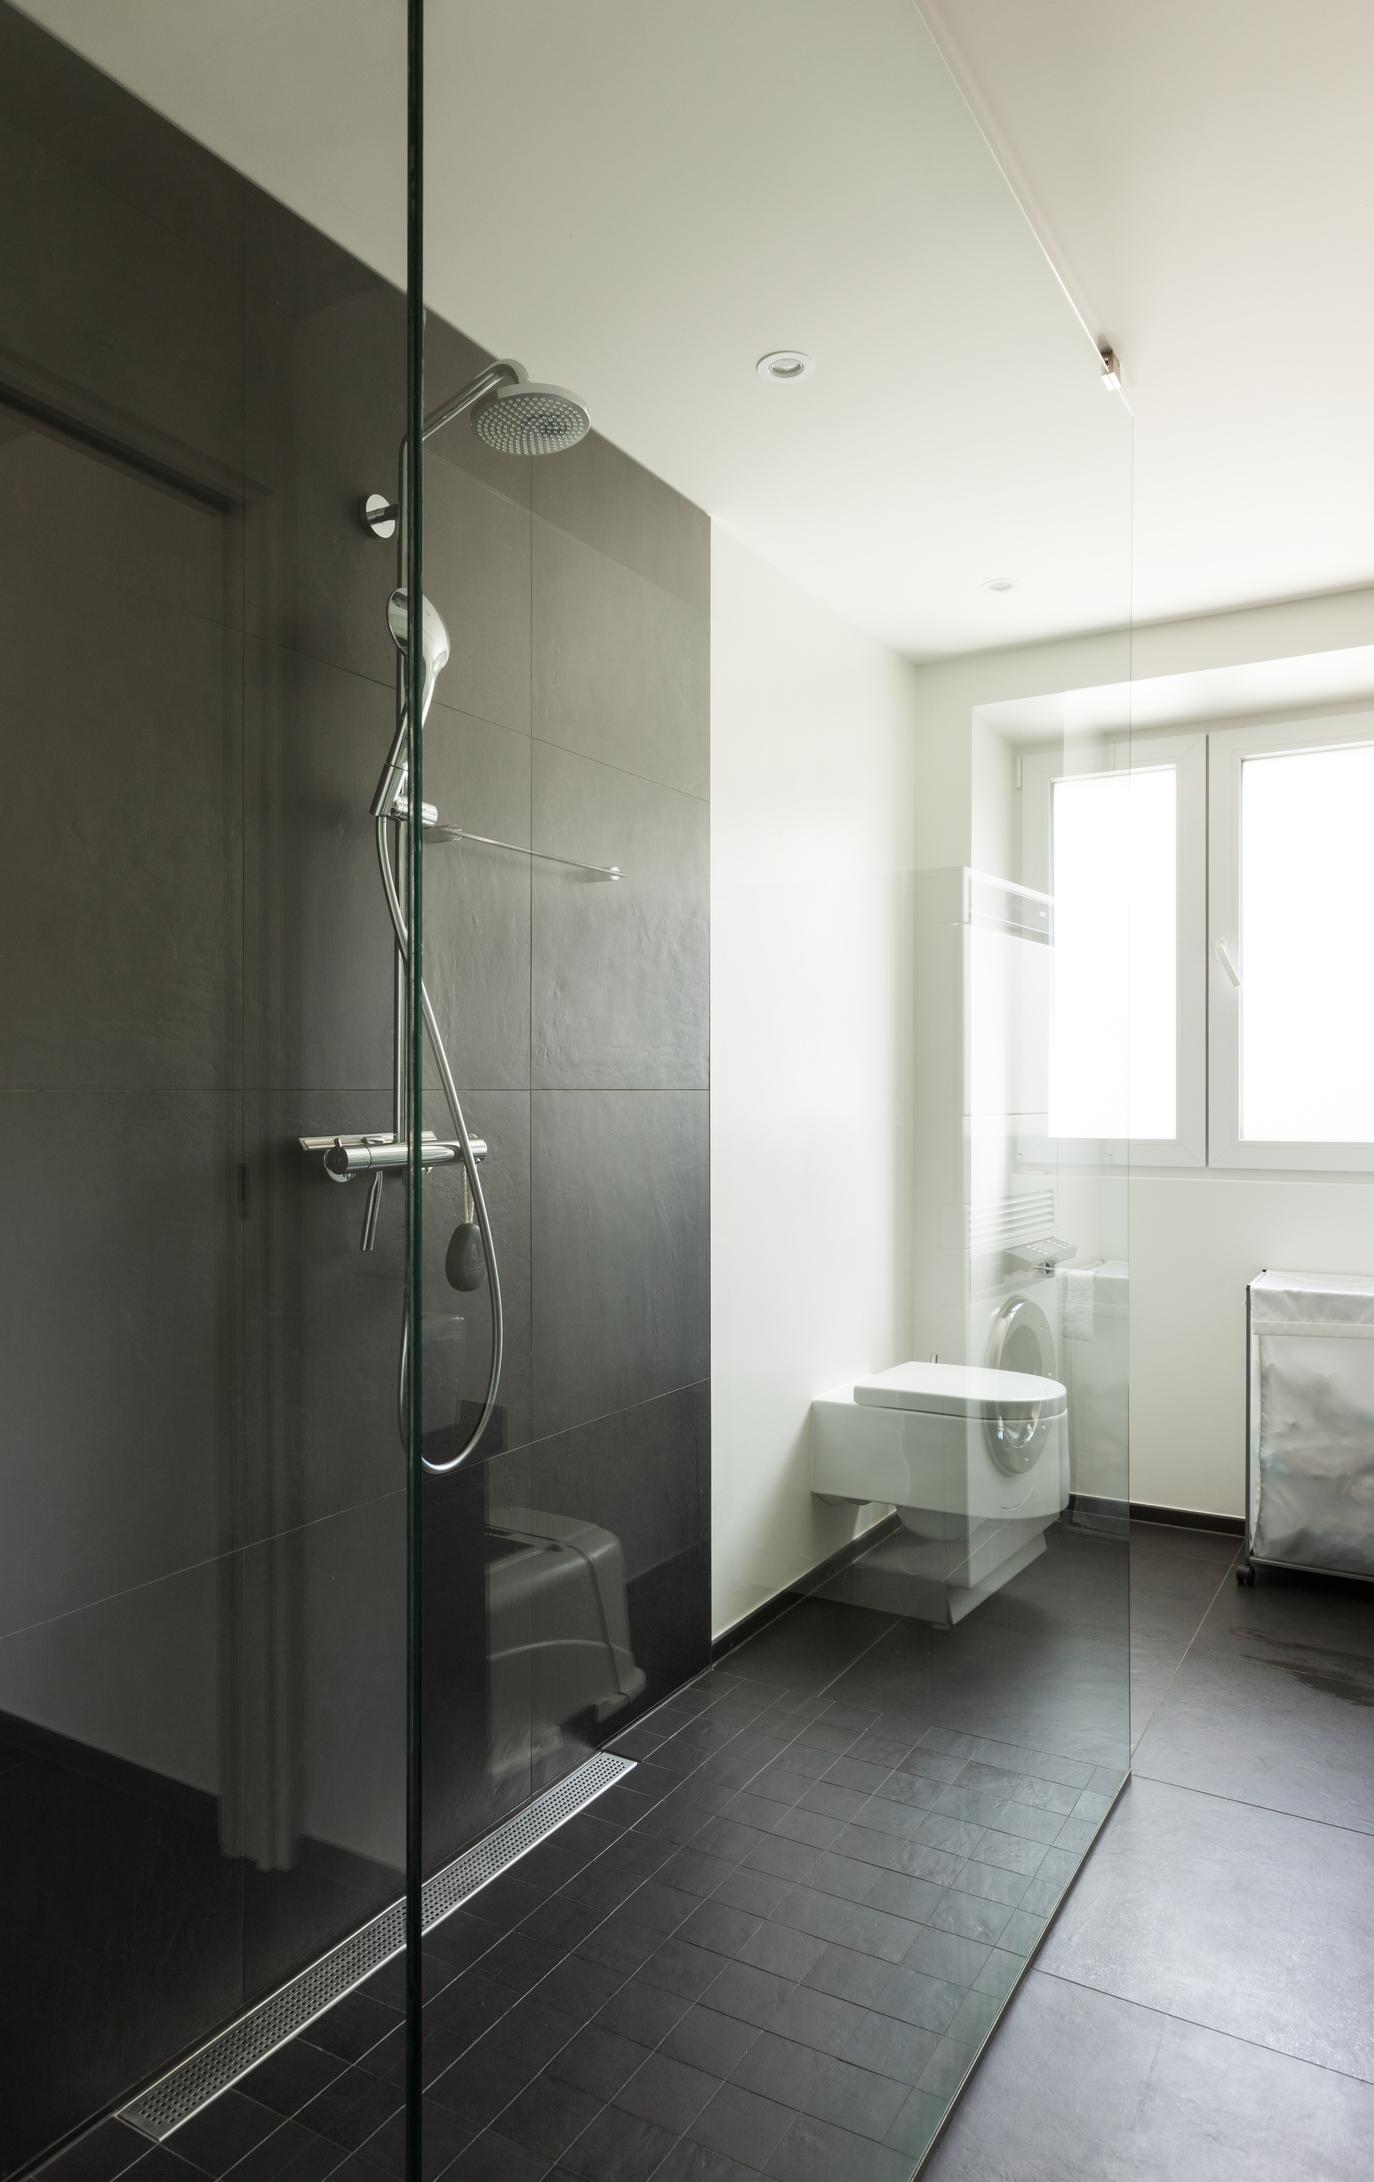 Nuove idee e consigli per progettare e arredare un bagno for Doccia bagno piccolo